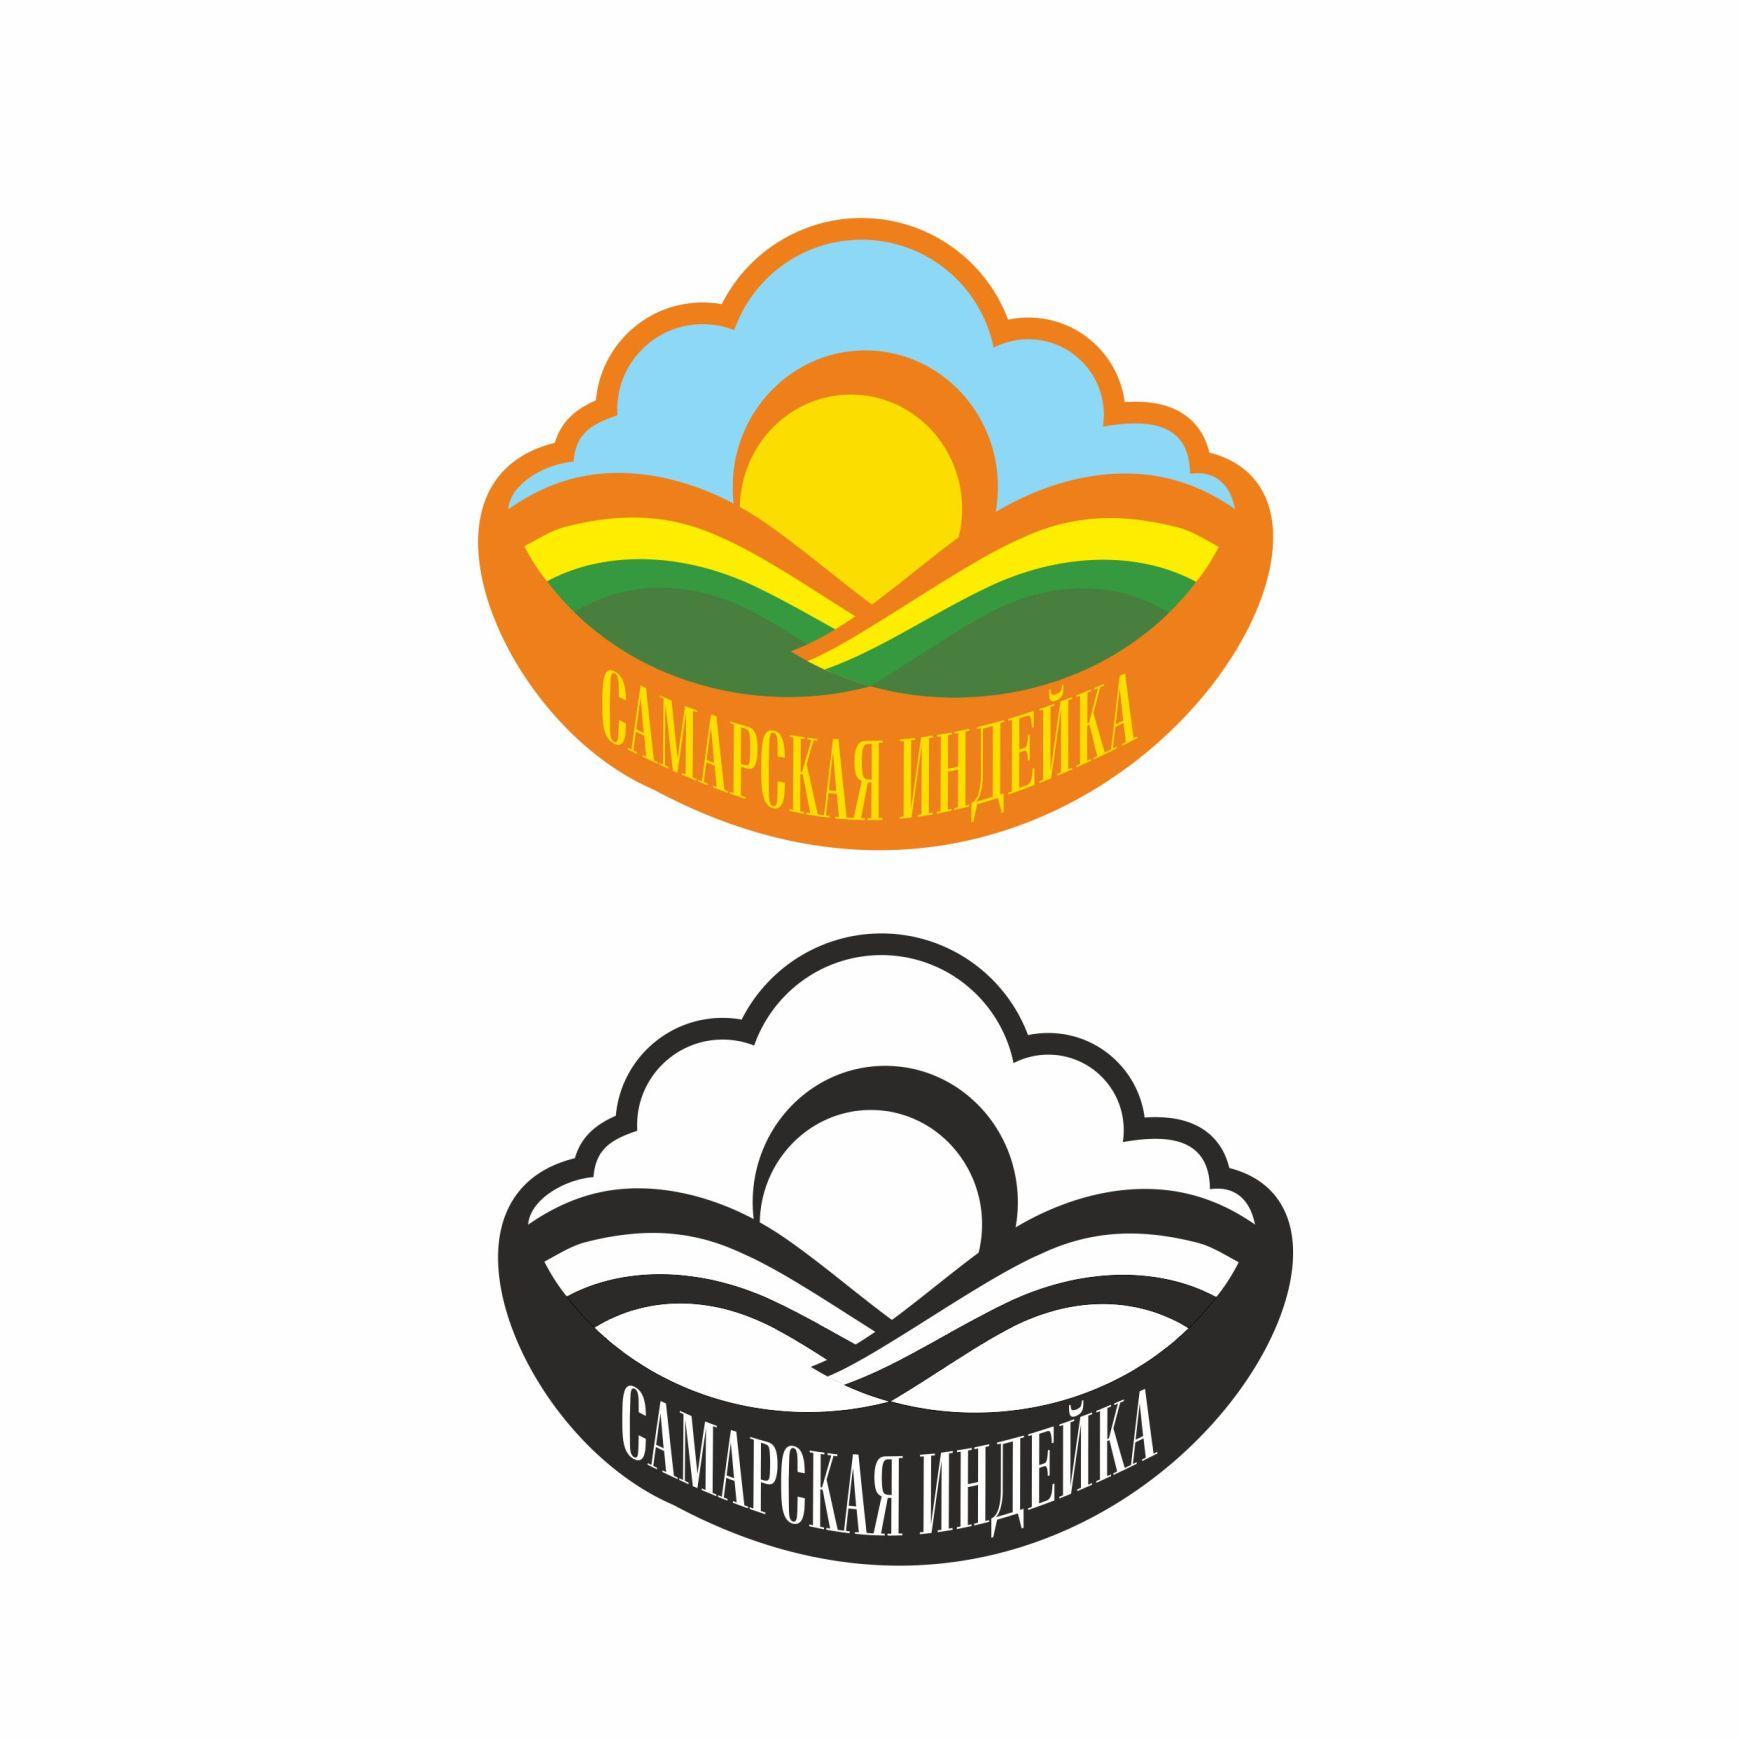 Создание логотипа Сельхоз производителя фото f_70855e855adb187b.jpg